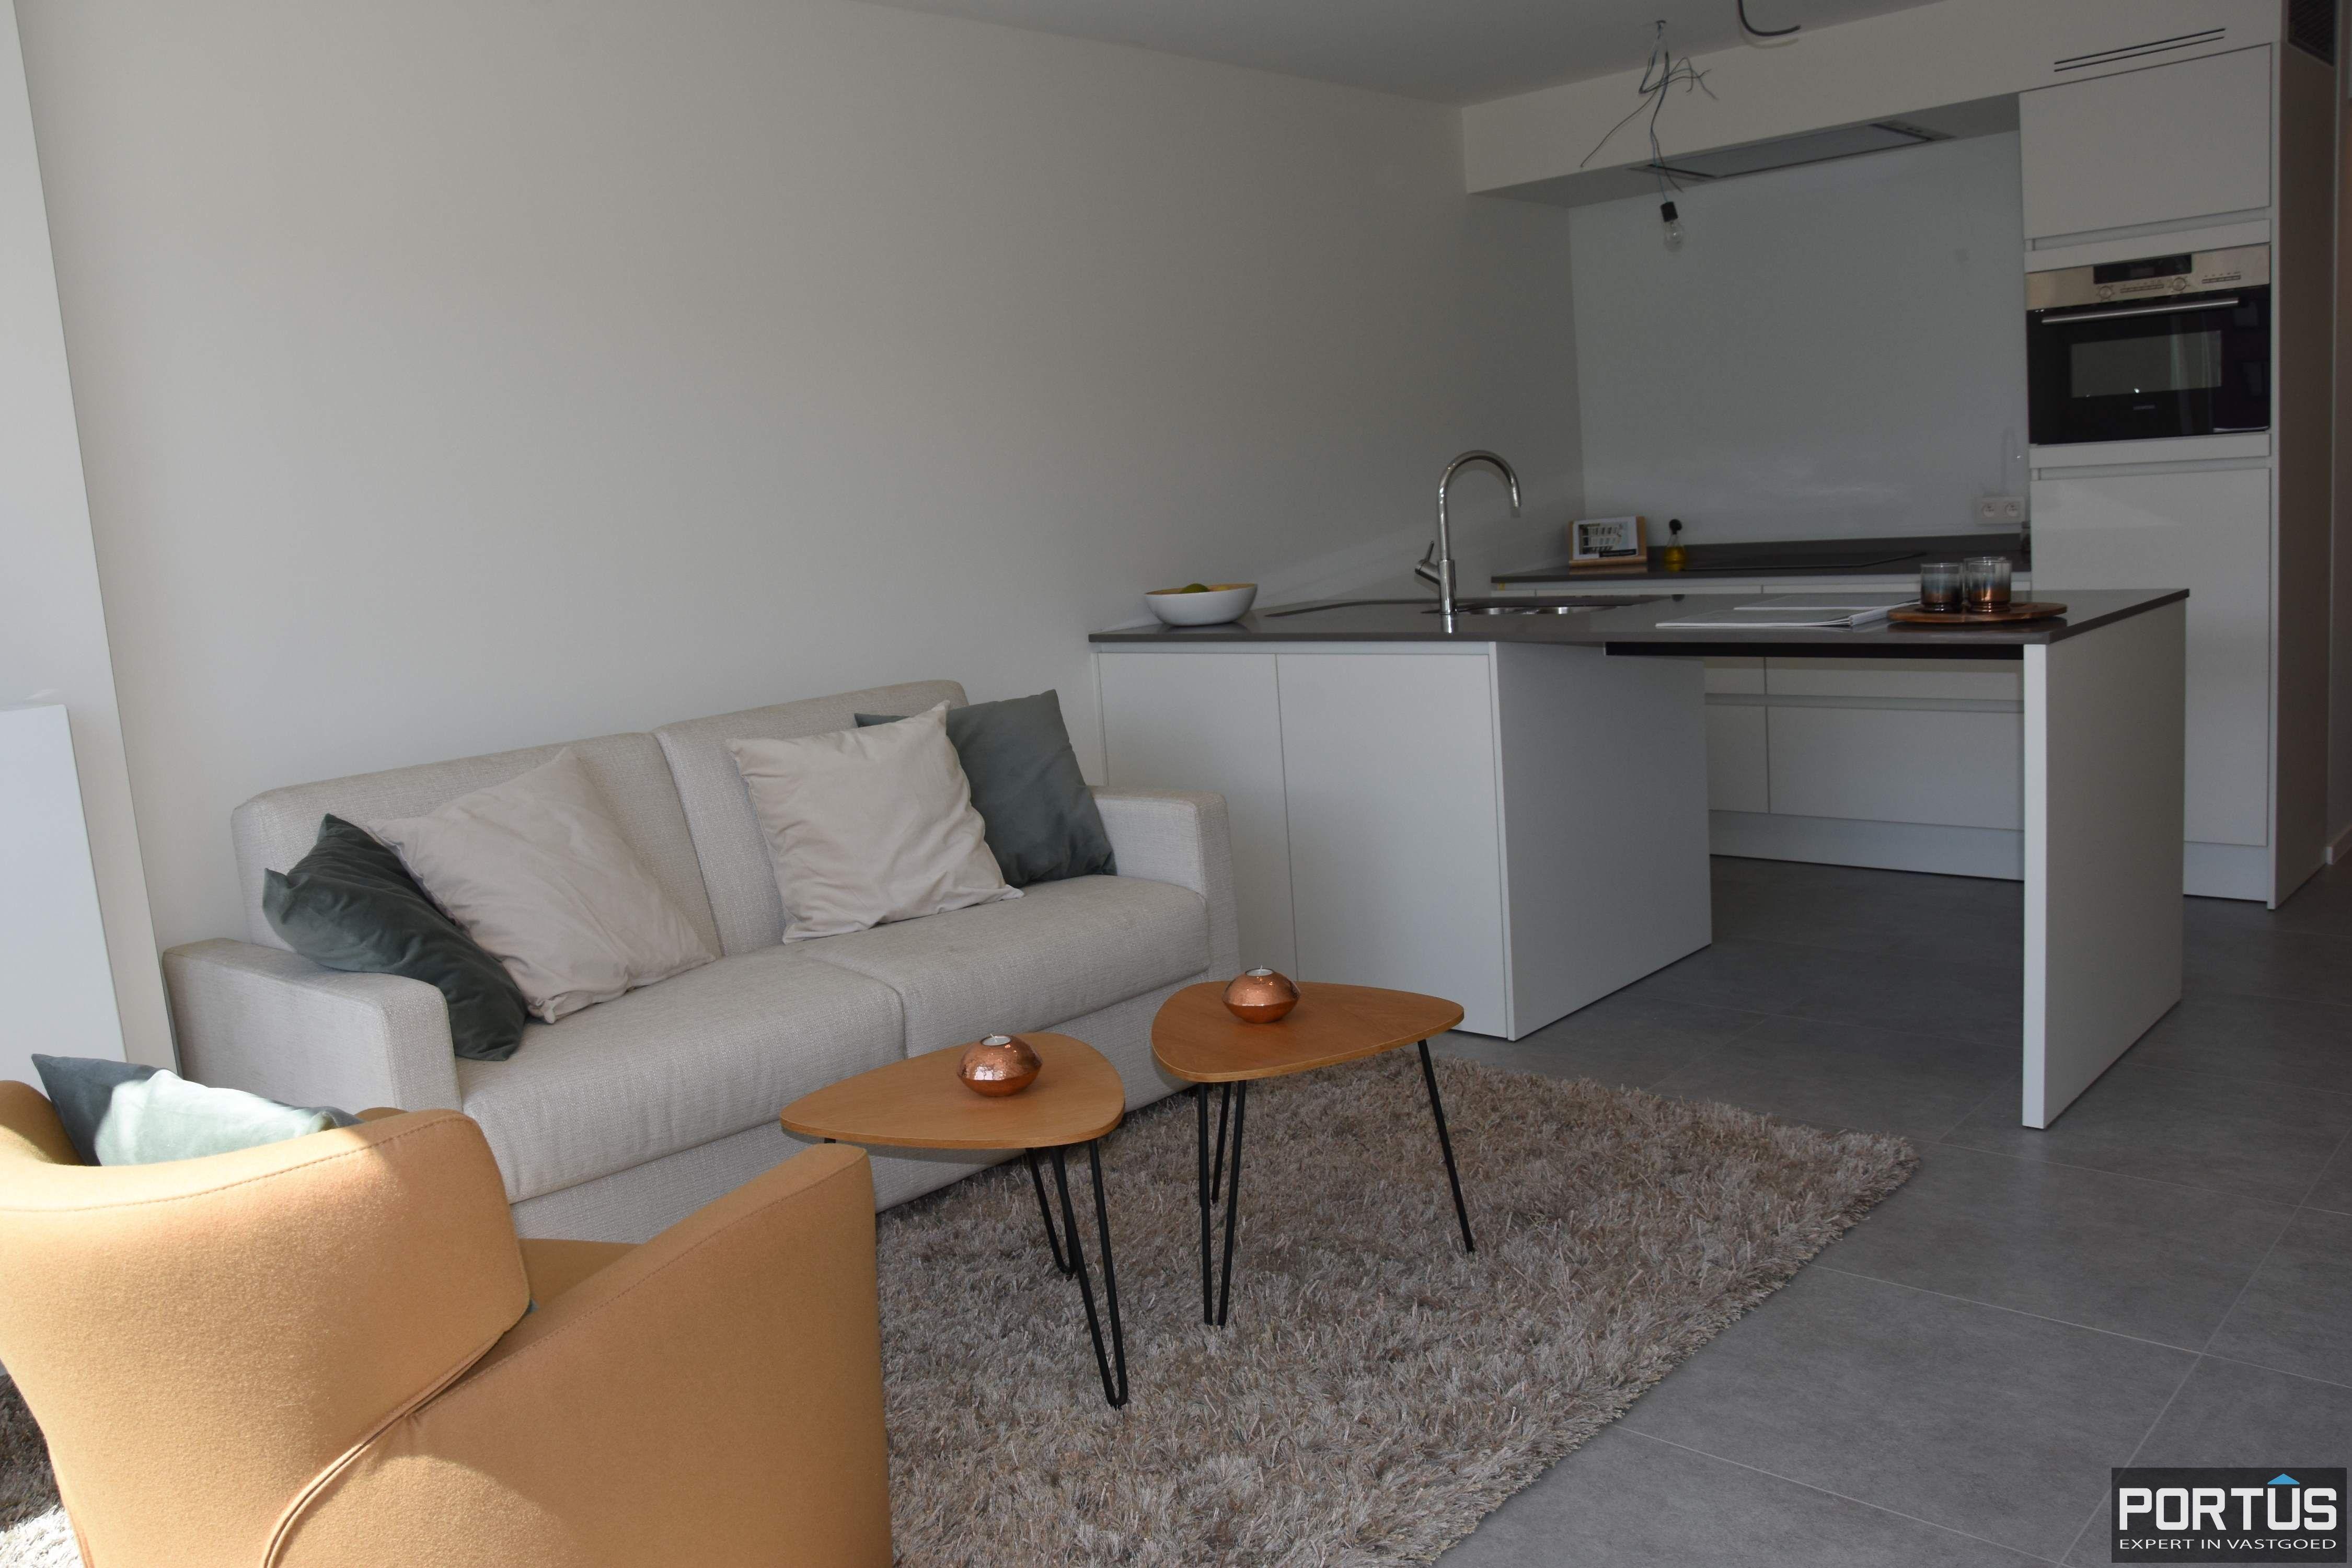 Zongericht appartement te koop Nieuwpoort - 8445